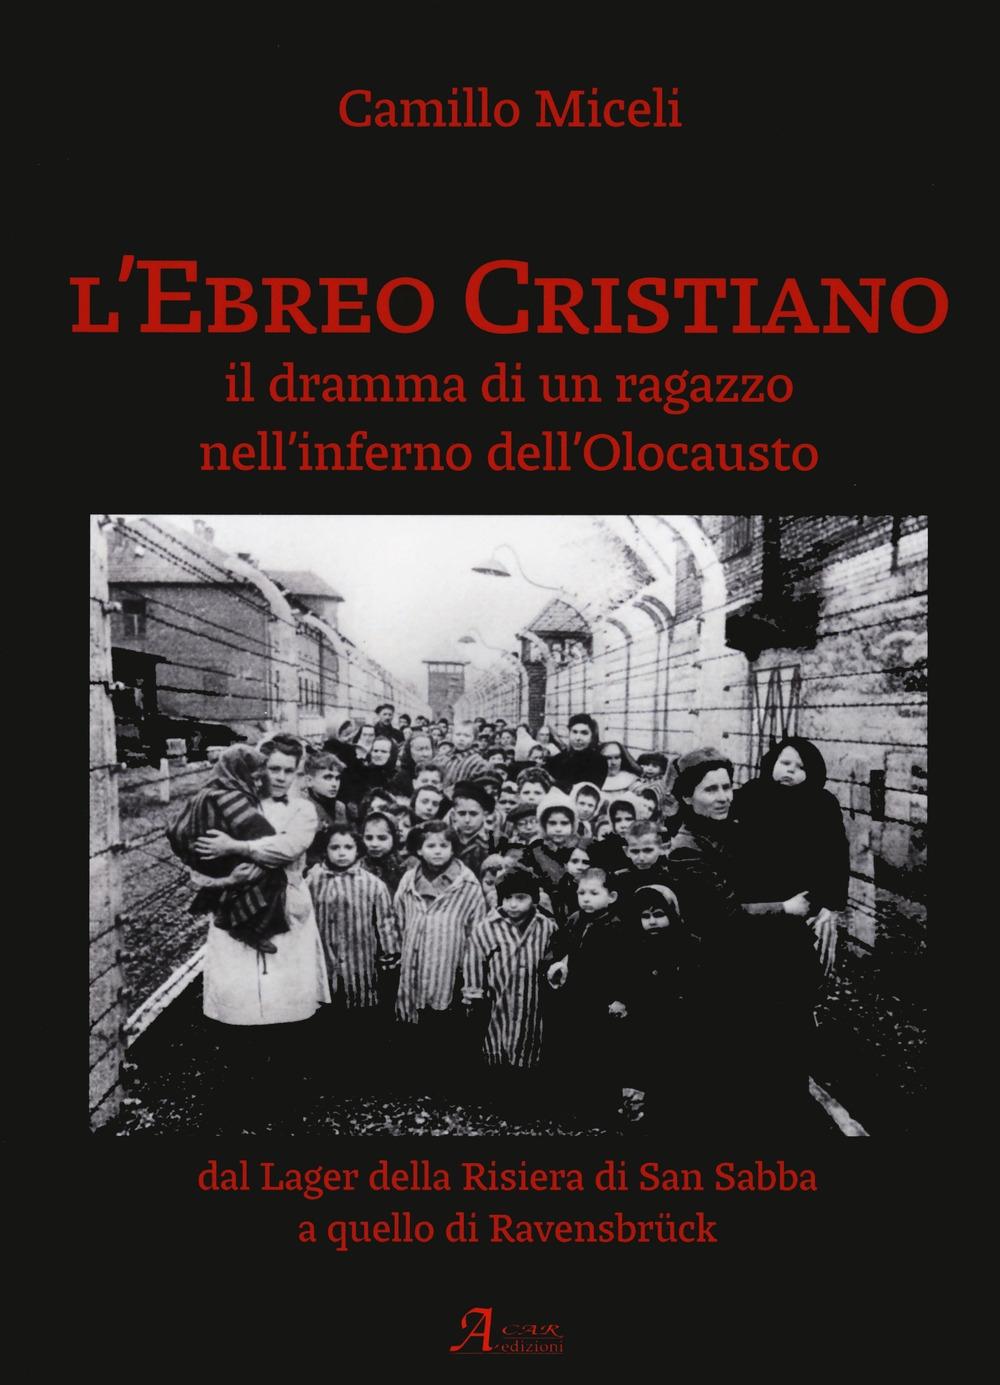 L'ebreo cristiano. Il dramma di un ragazzo nell'inferno dell'Olocausto